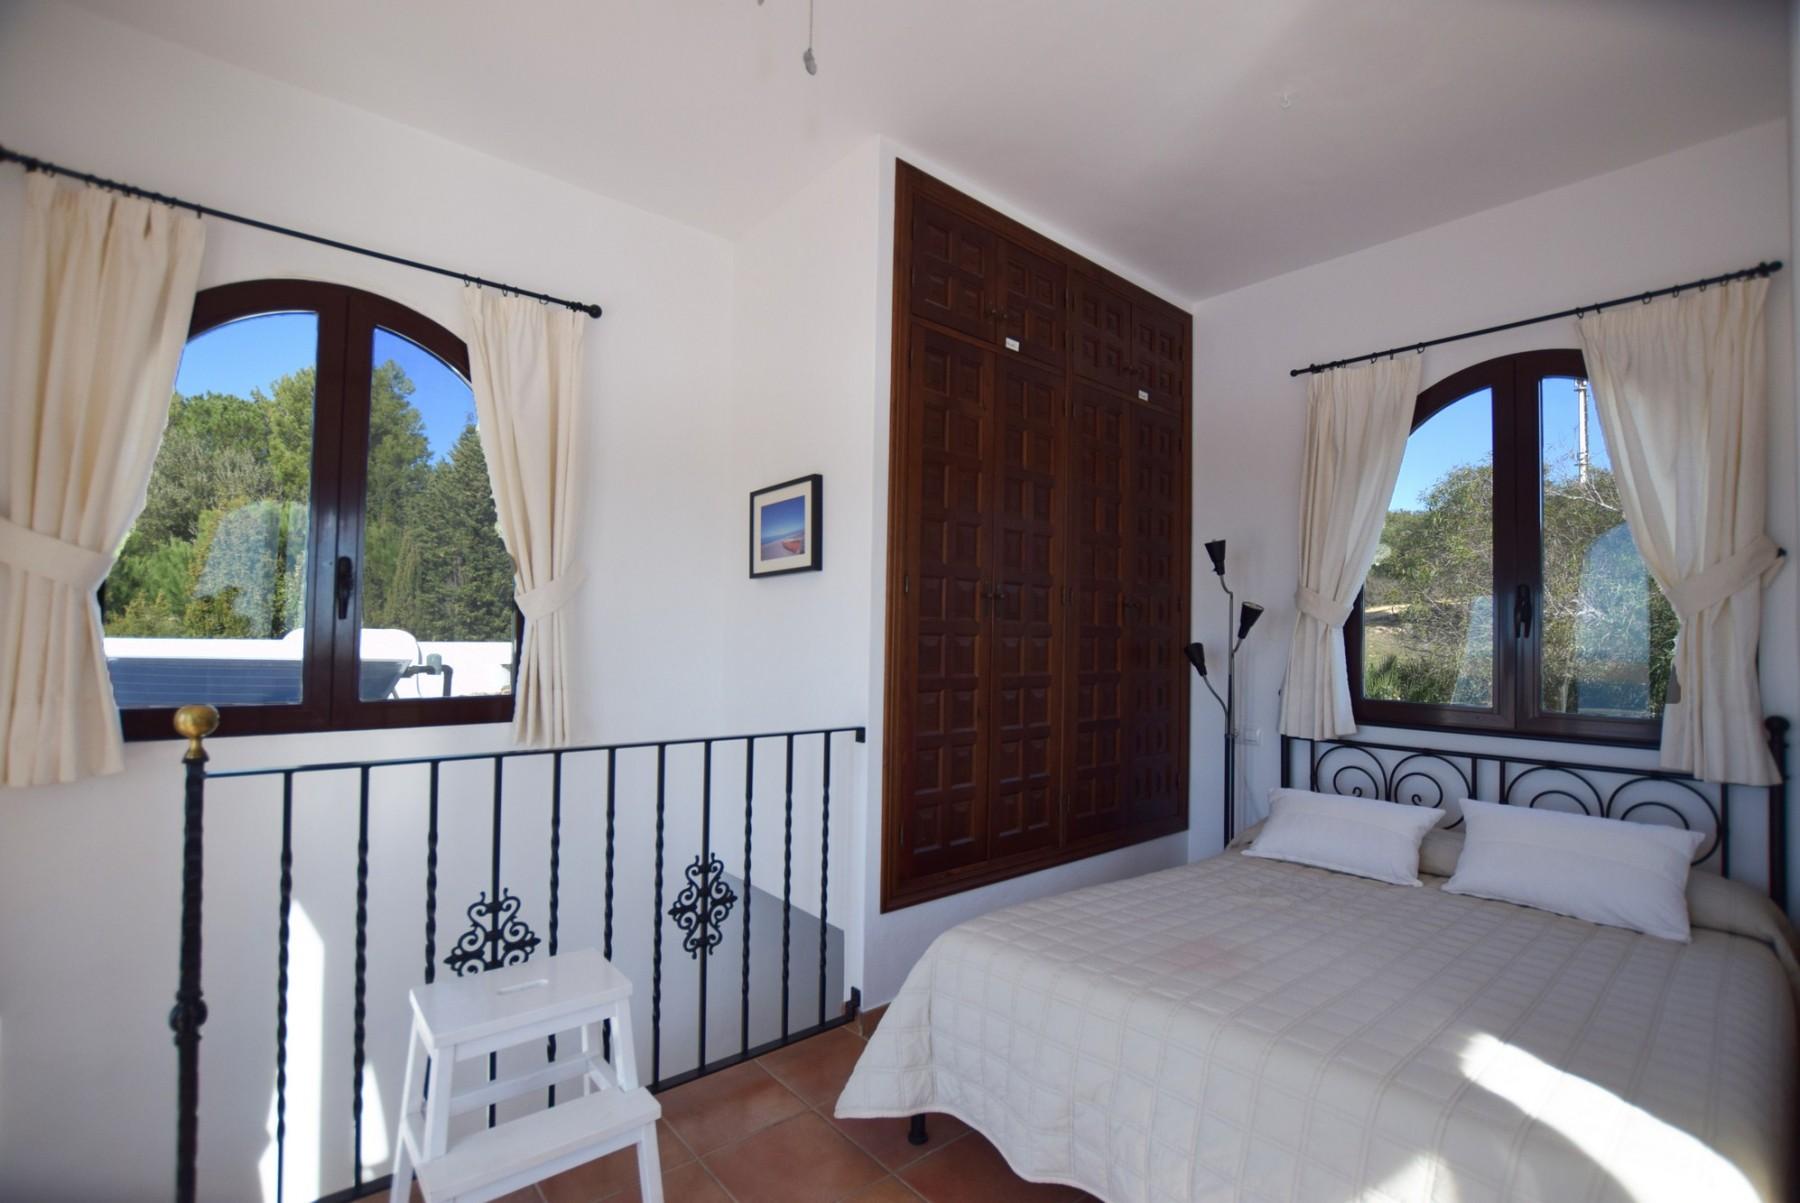 Casa Blanca - Dormitorio con baño ensuite